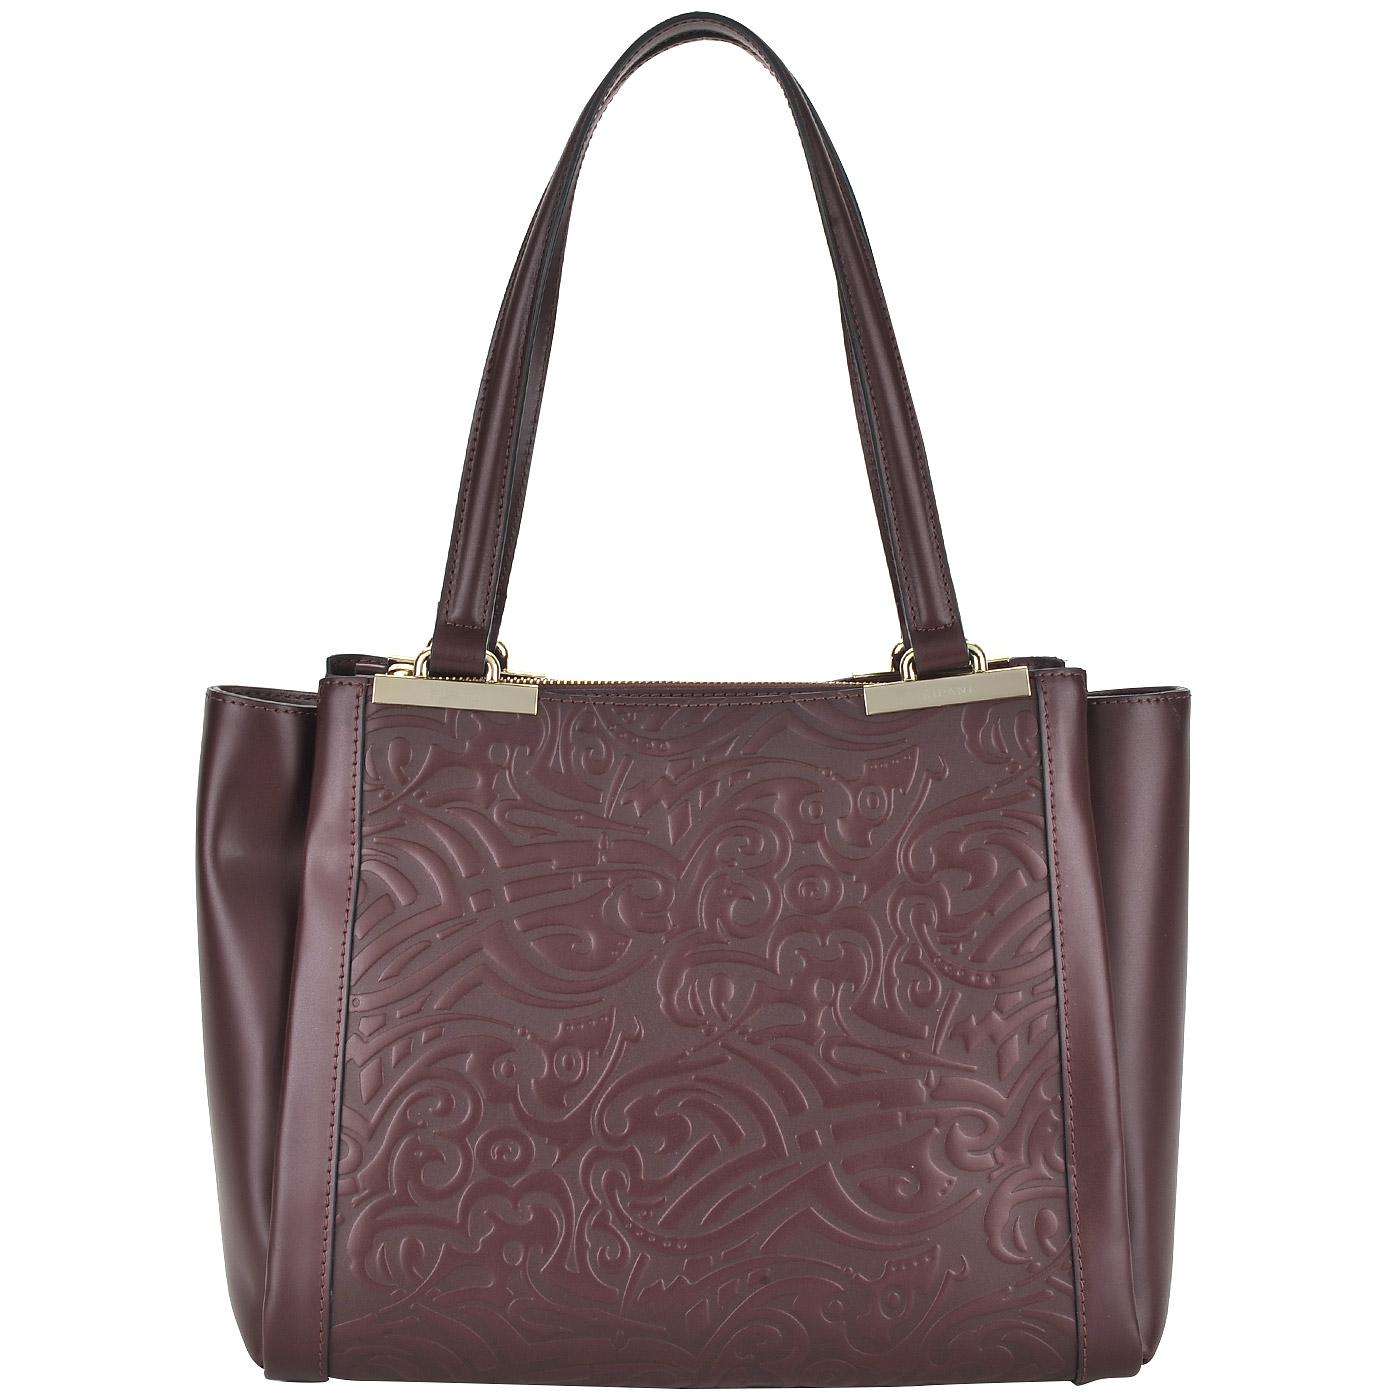 7916b40d6581 Женская кожаная сумка бордового цвета с изысканным тиснением Ripani Vaniglia